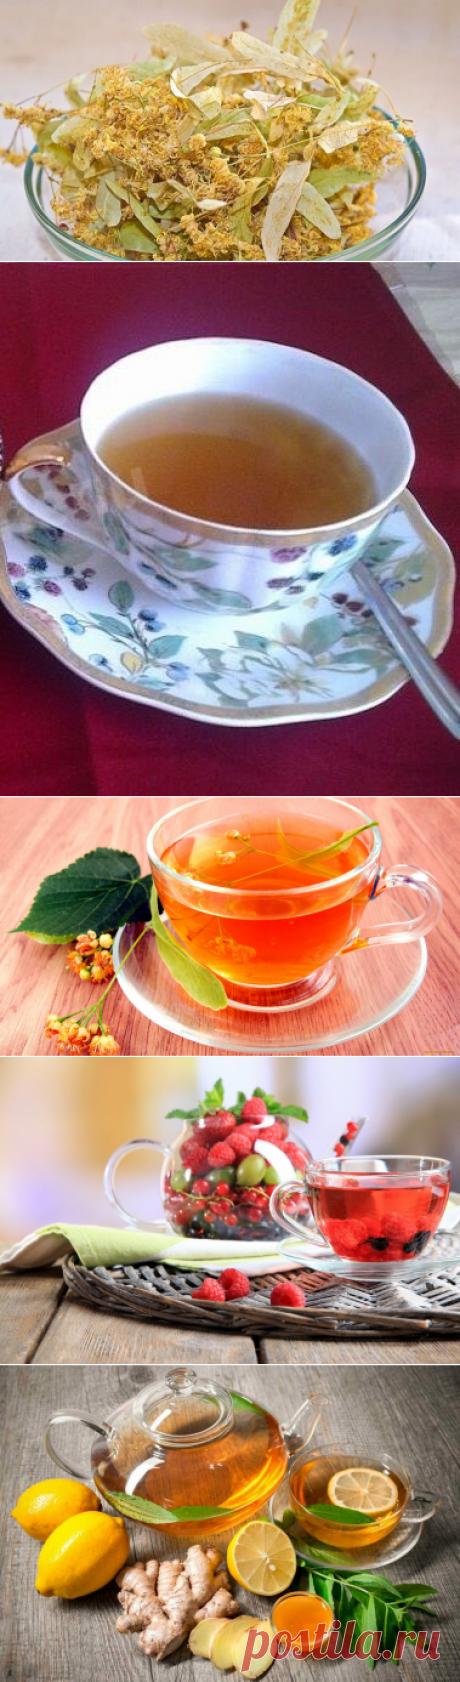 Рецепты полезного чая | Напитки создаем,жажда ни почем | Яндекс Дзен